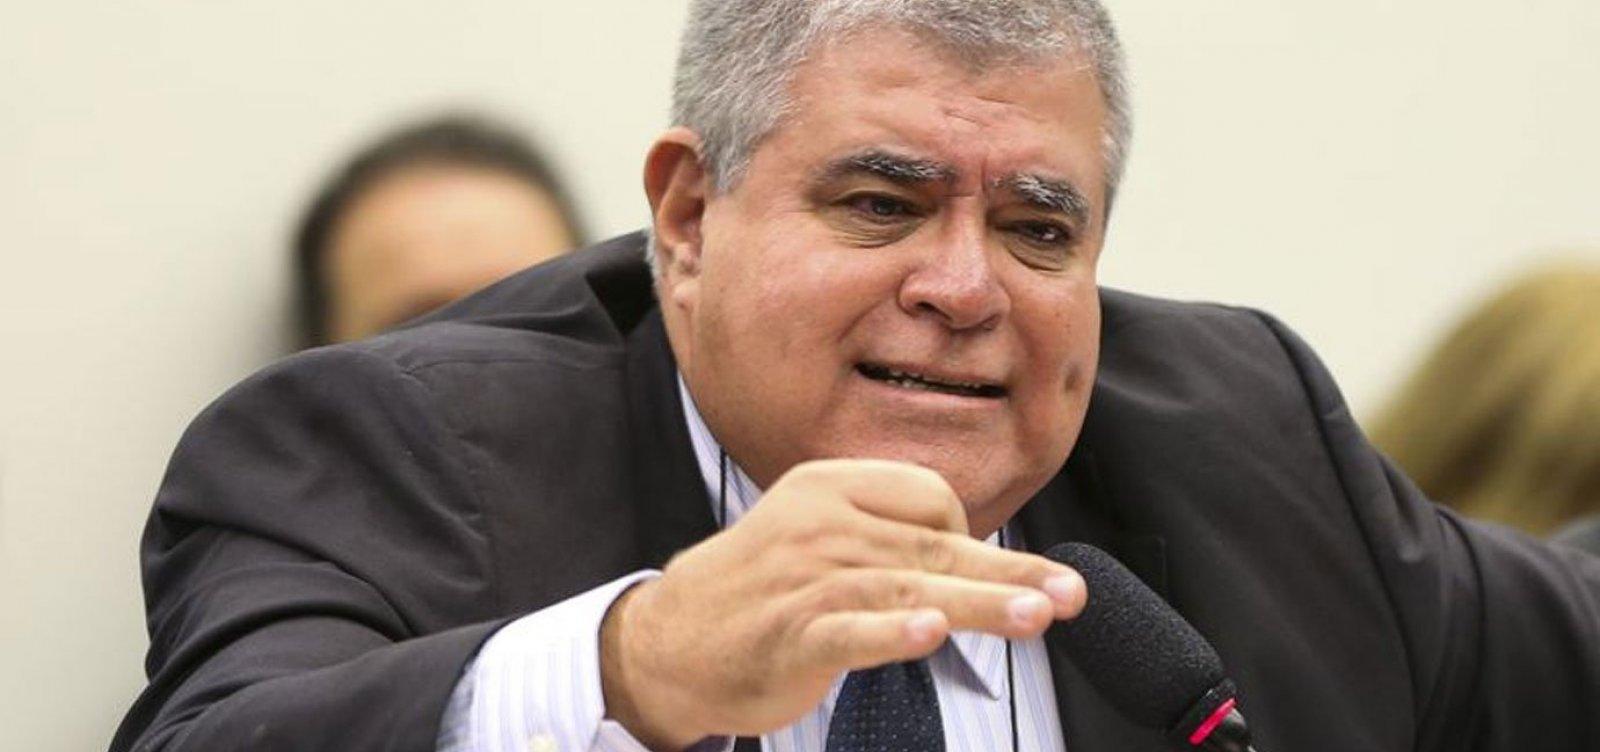 'Tenho certeza de que o Brasil vai ter saudade', diz Marun sobre Temer